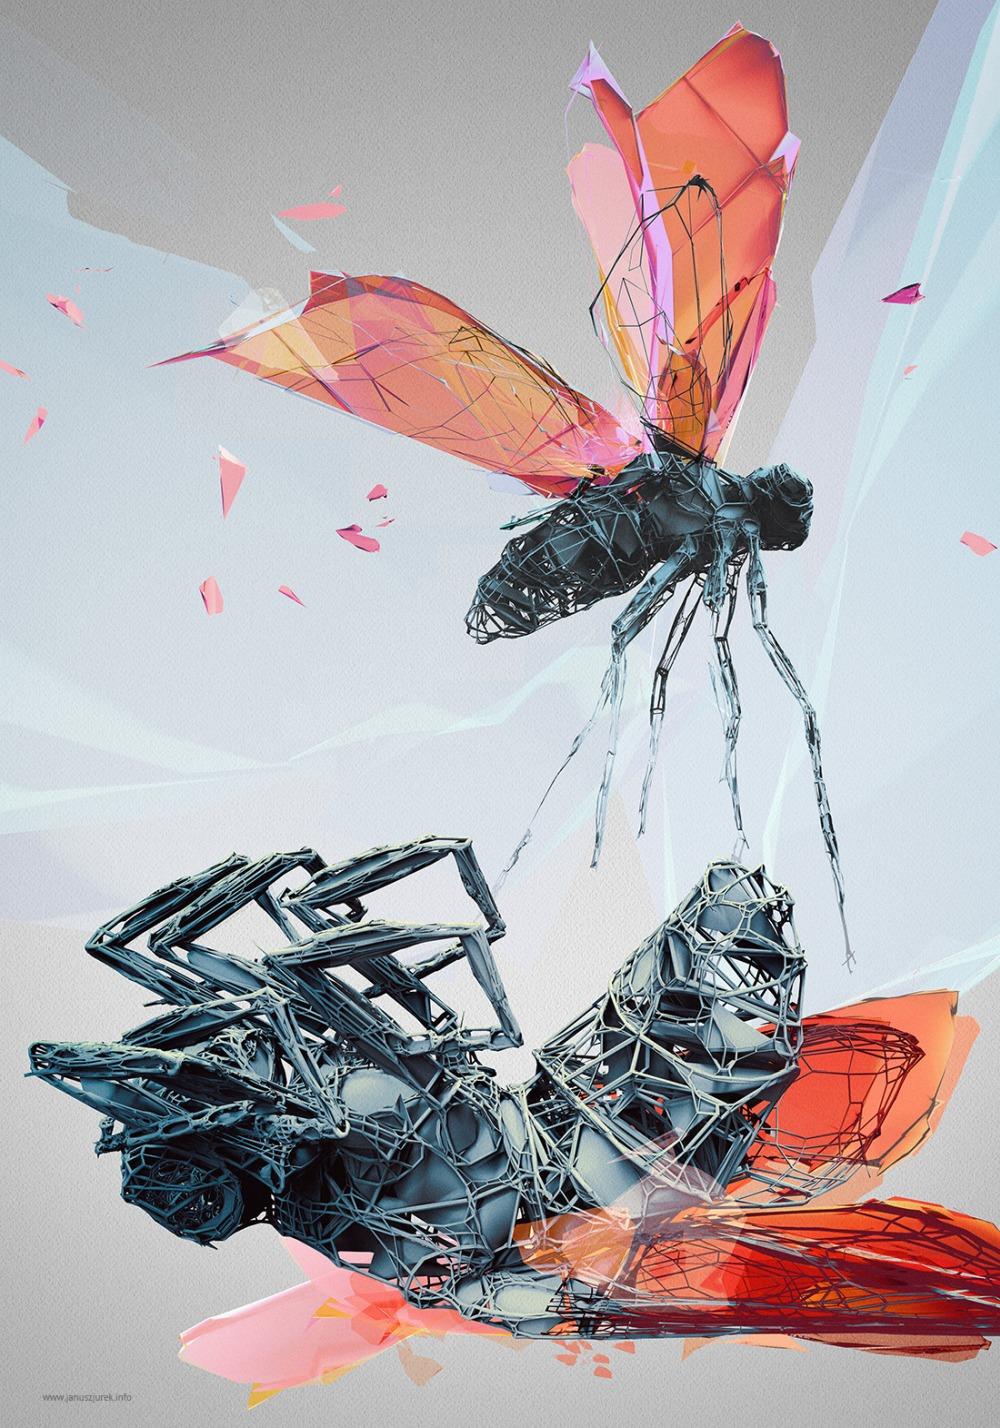 Lord of the Flies,Janusz Jurek